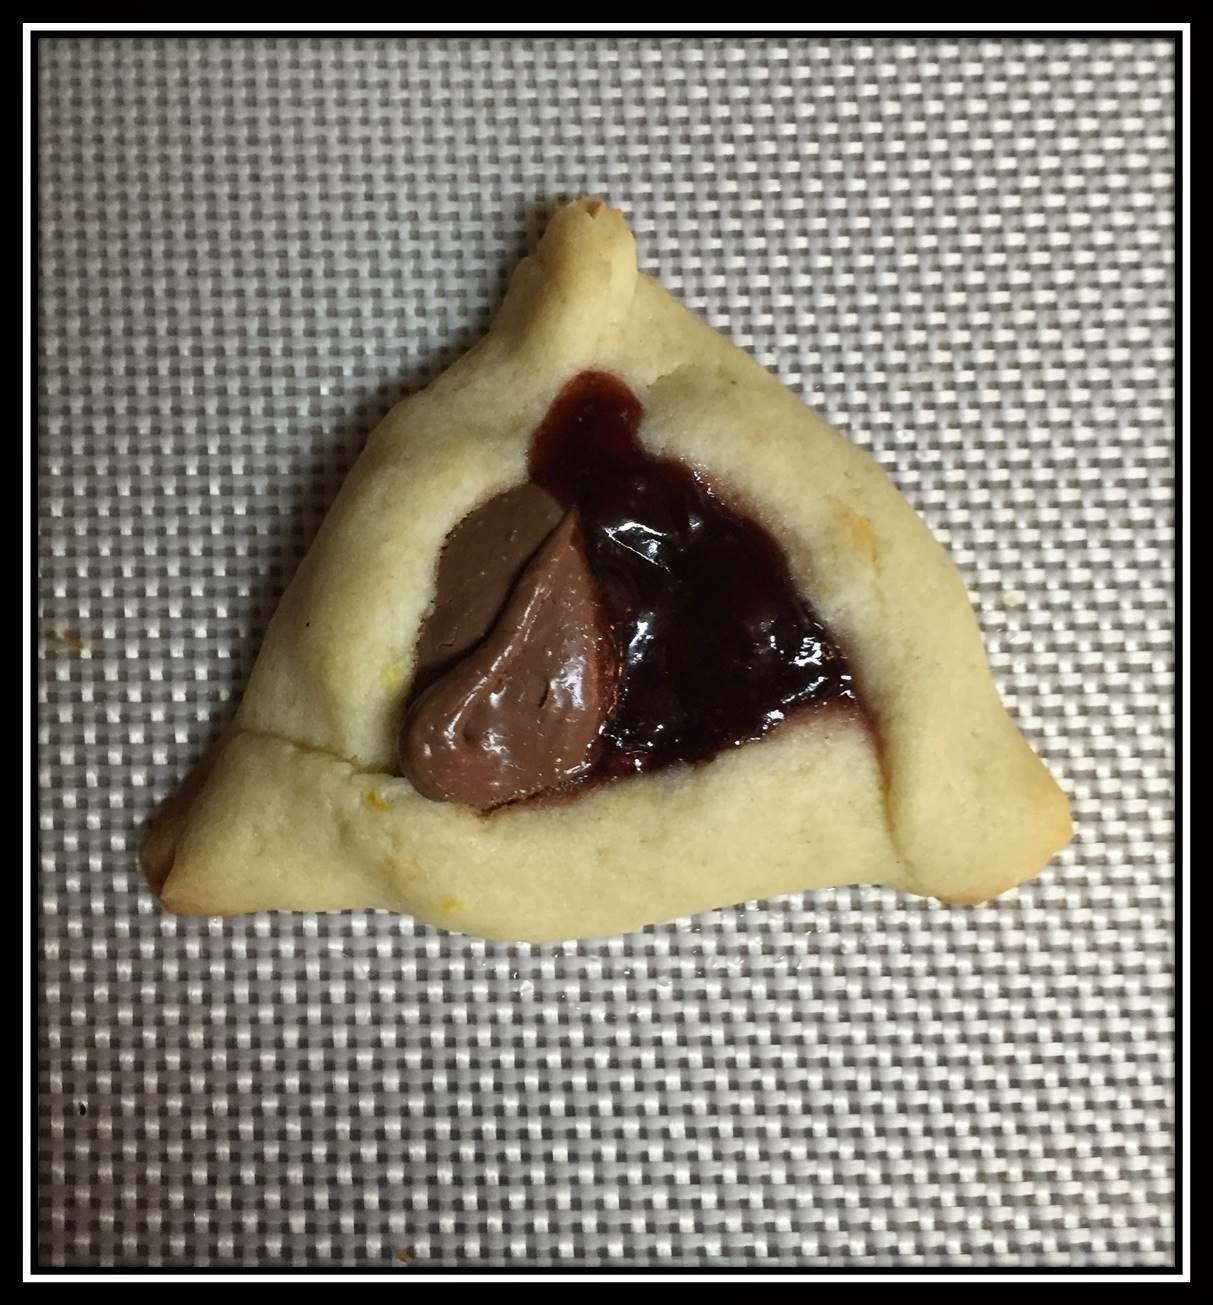 Raspberry Nutella Hamantaschen